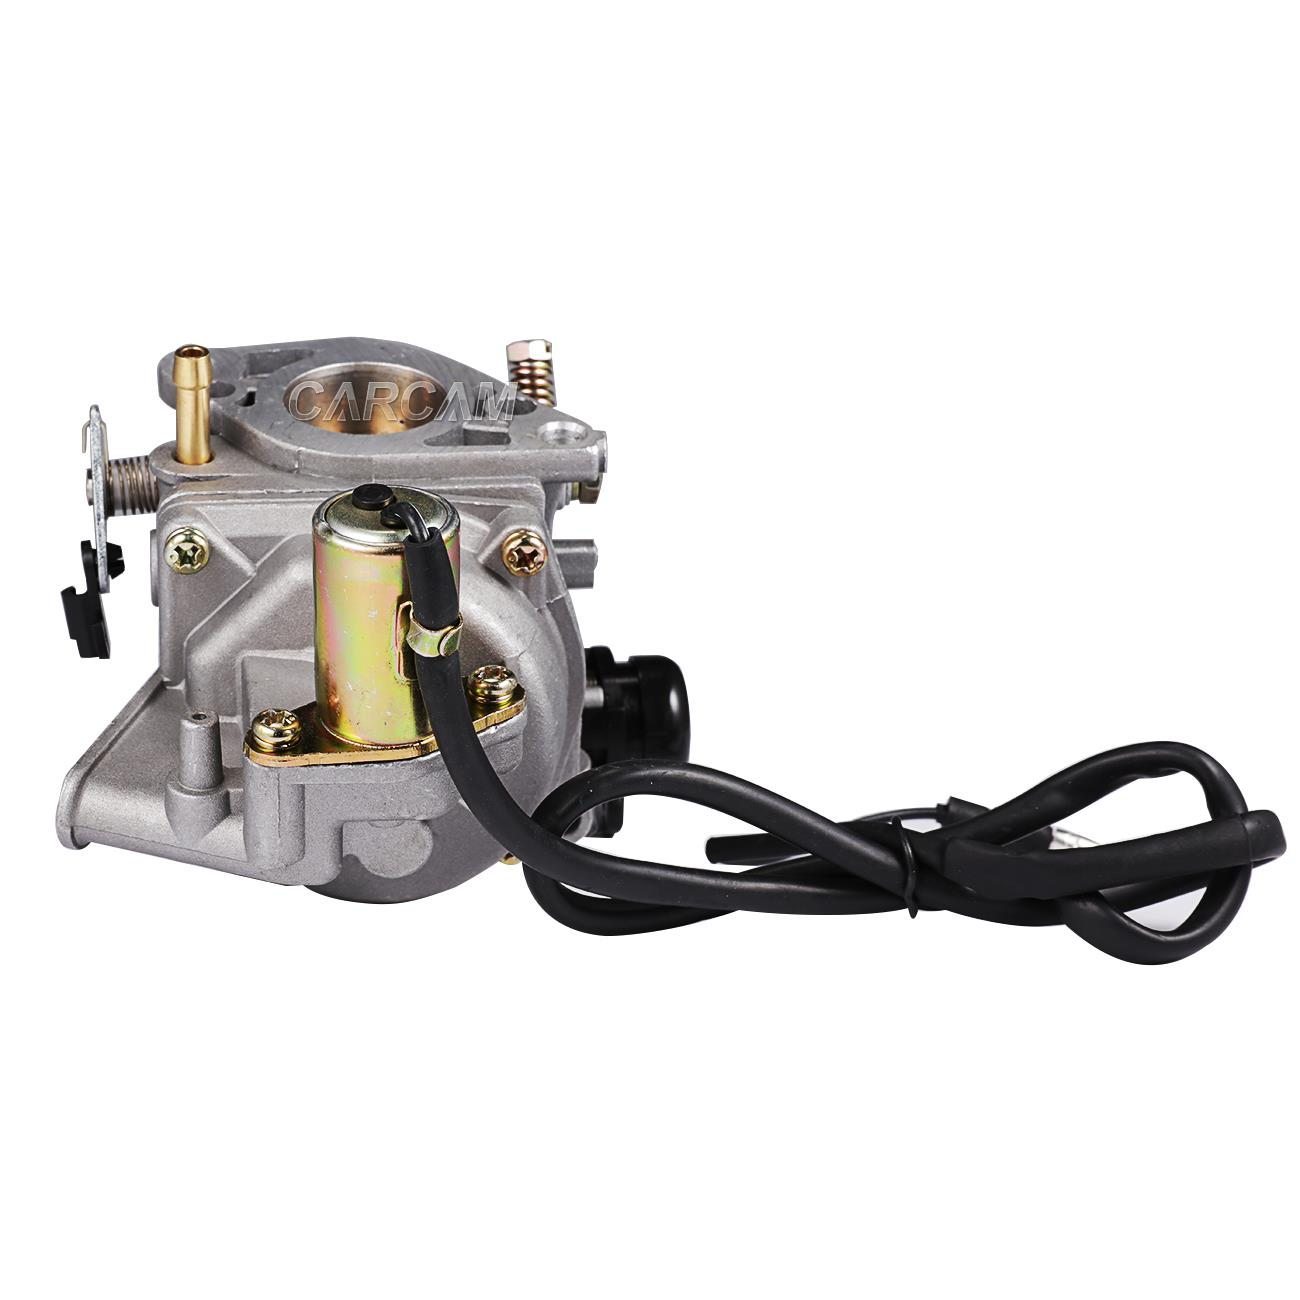 zinc alloy carburetor carb and gasket for honda gx610 18. Black Bedroom Furniture Sets. Home Design Ideas